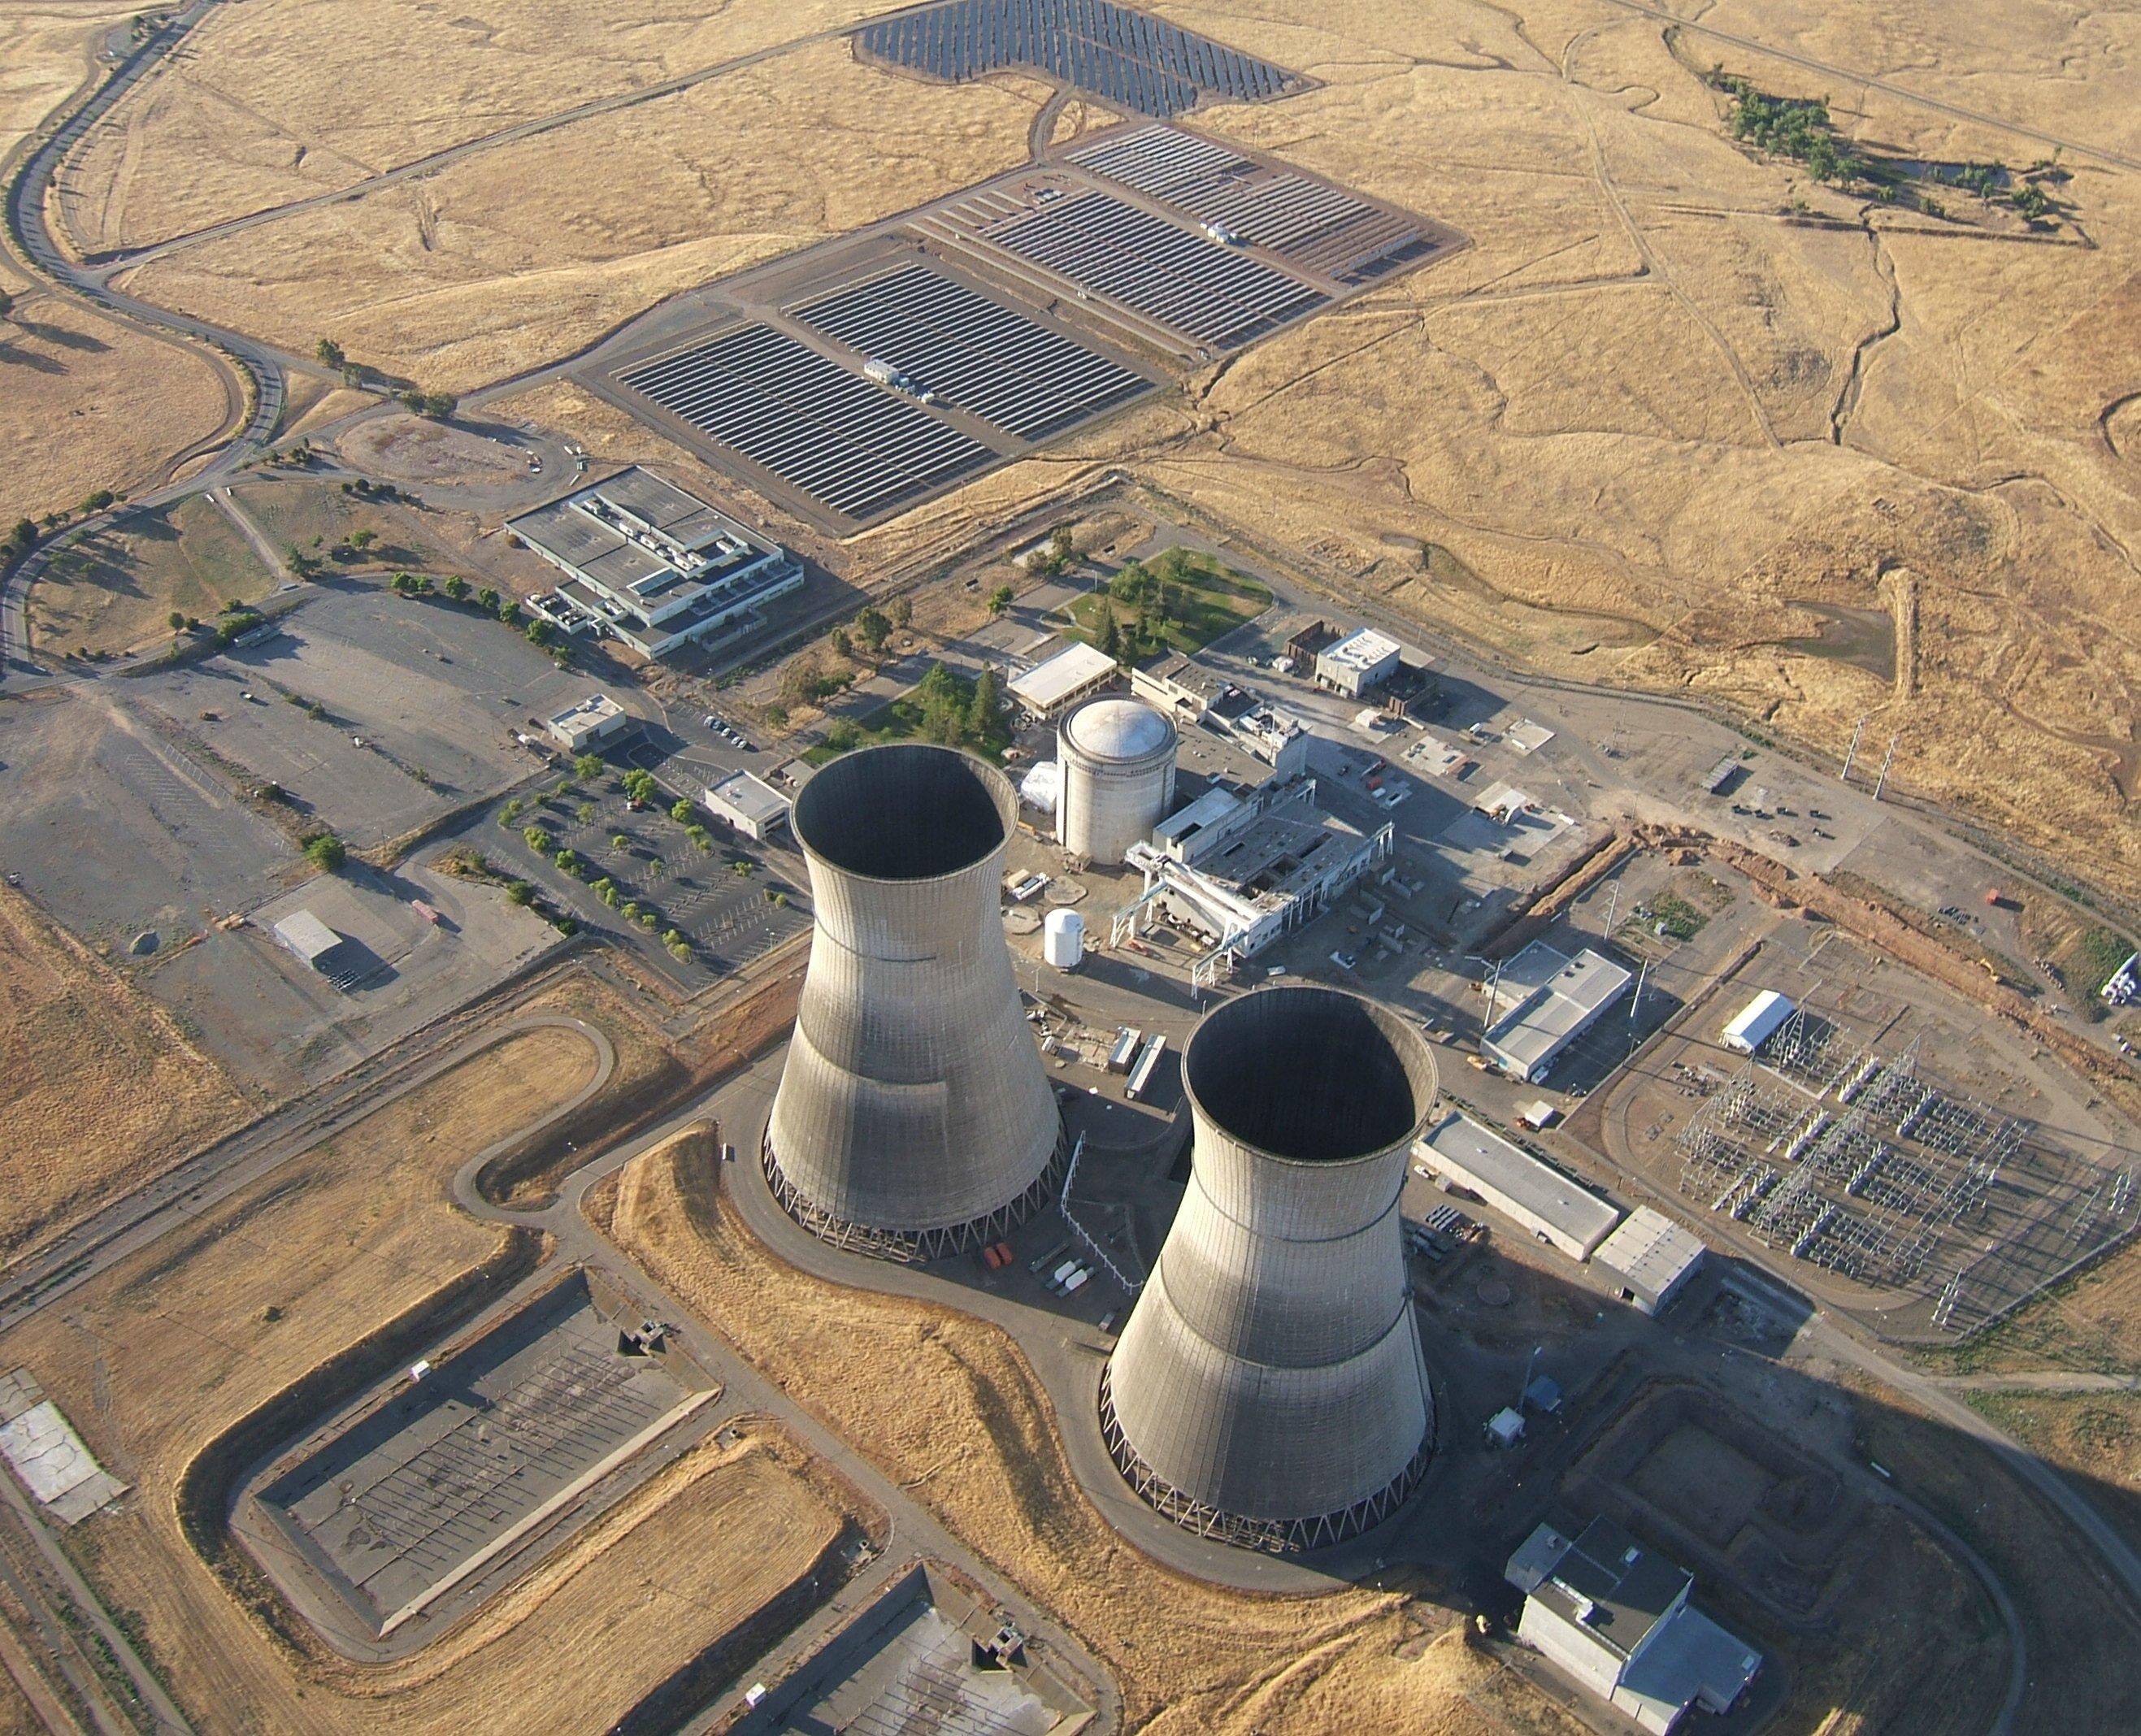 Decommissioning nucleare: una grande opportunità di sviluppo per l'Italia